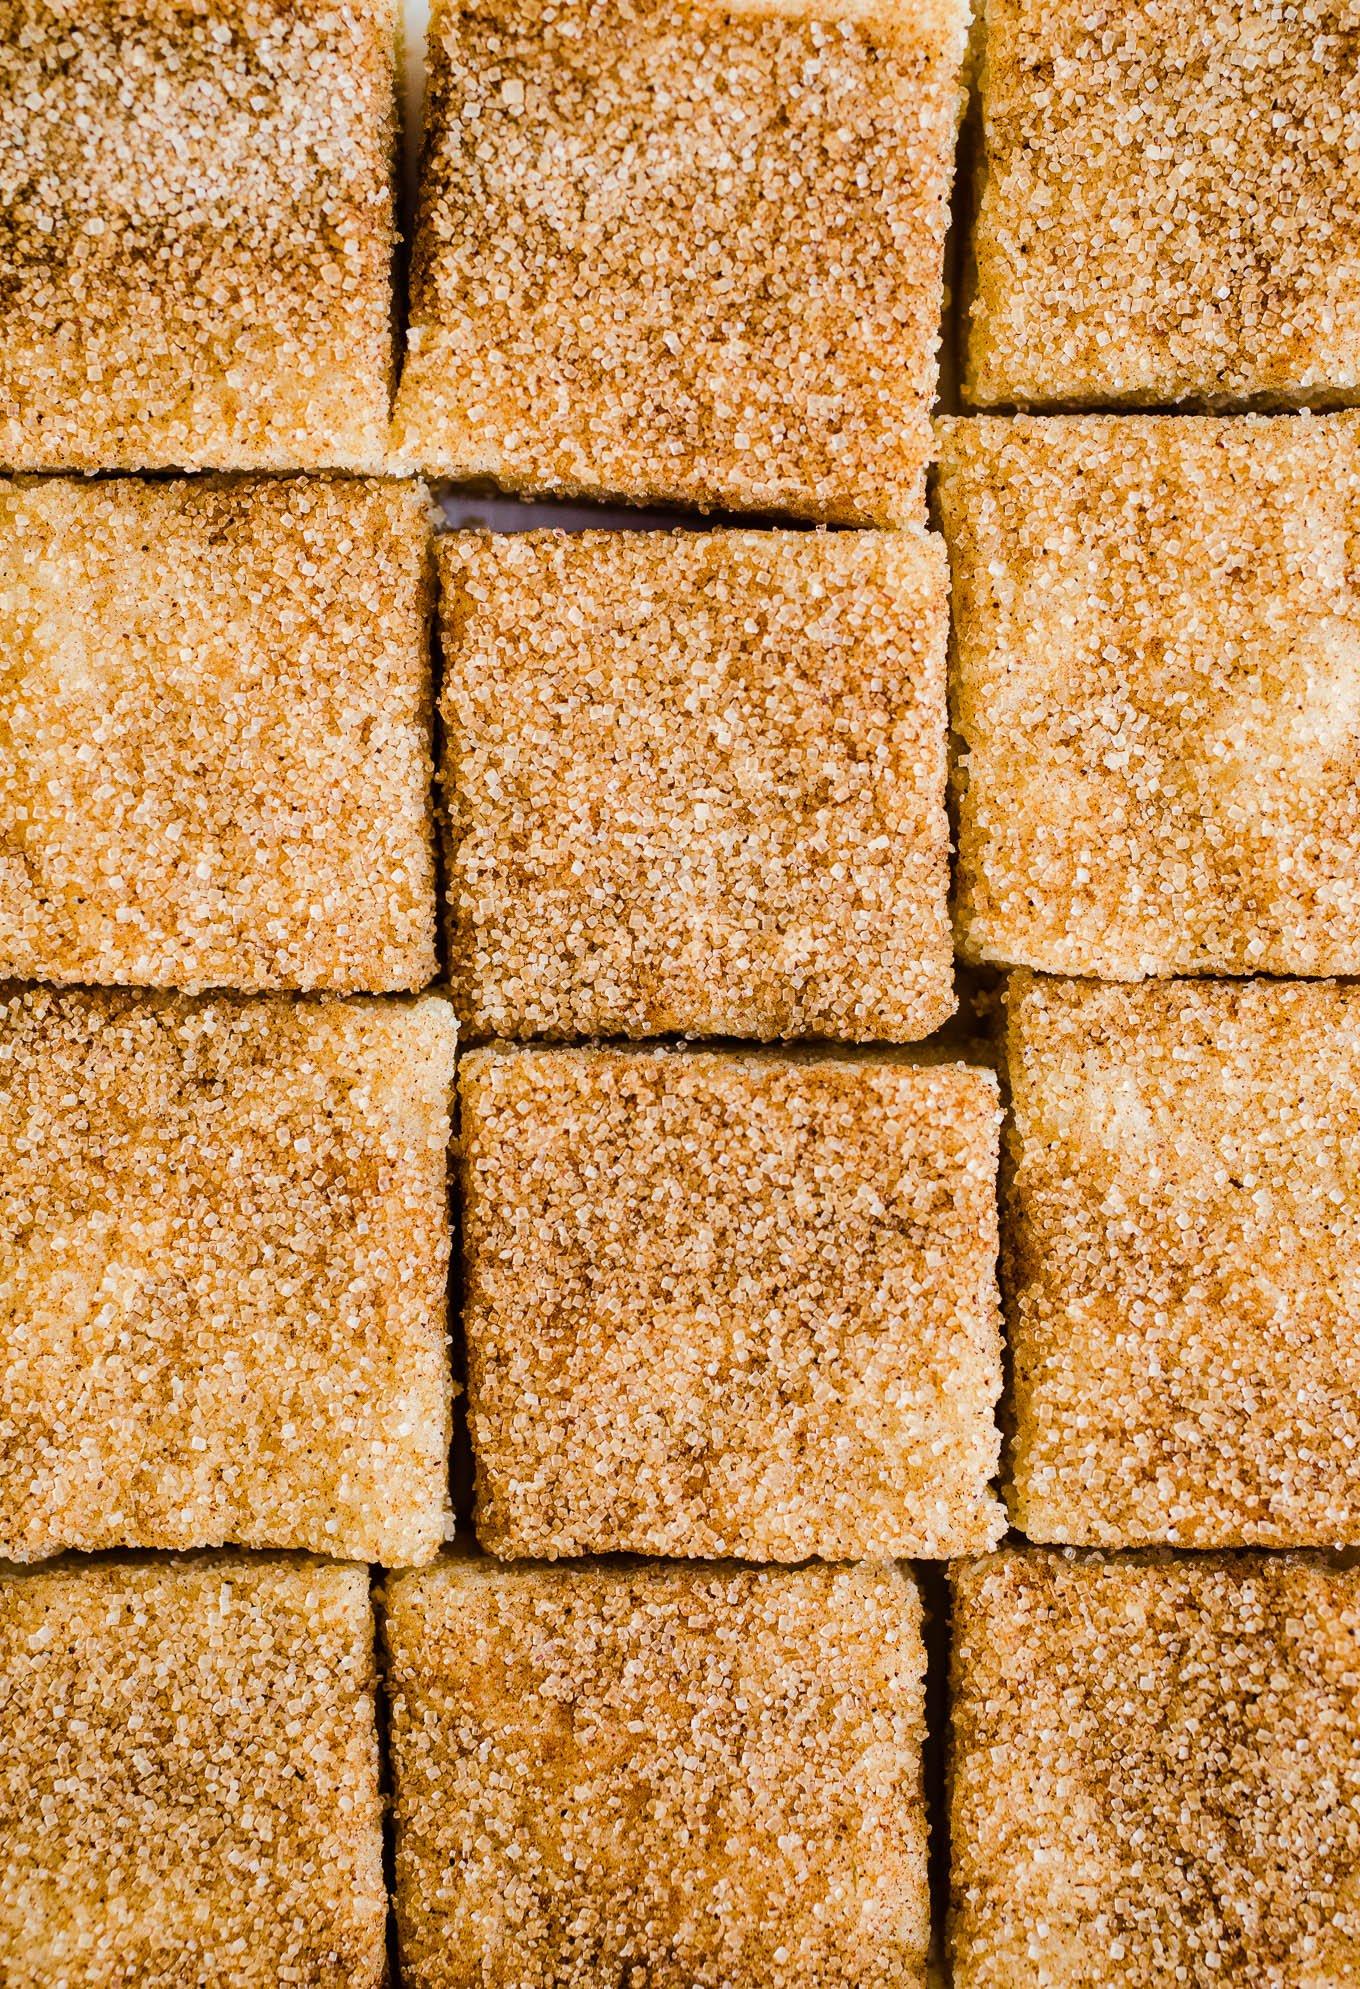 Snickerdoodle squares